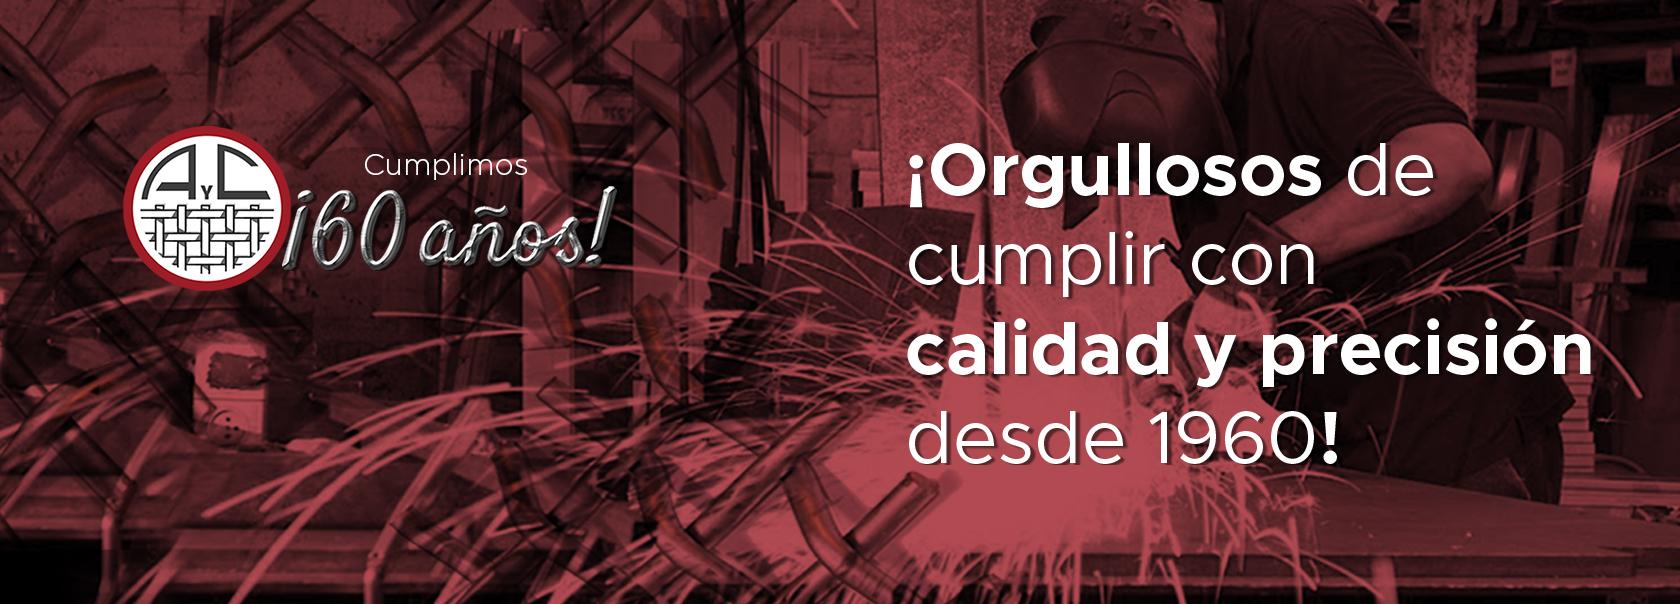 Banner_60años (1)7